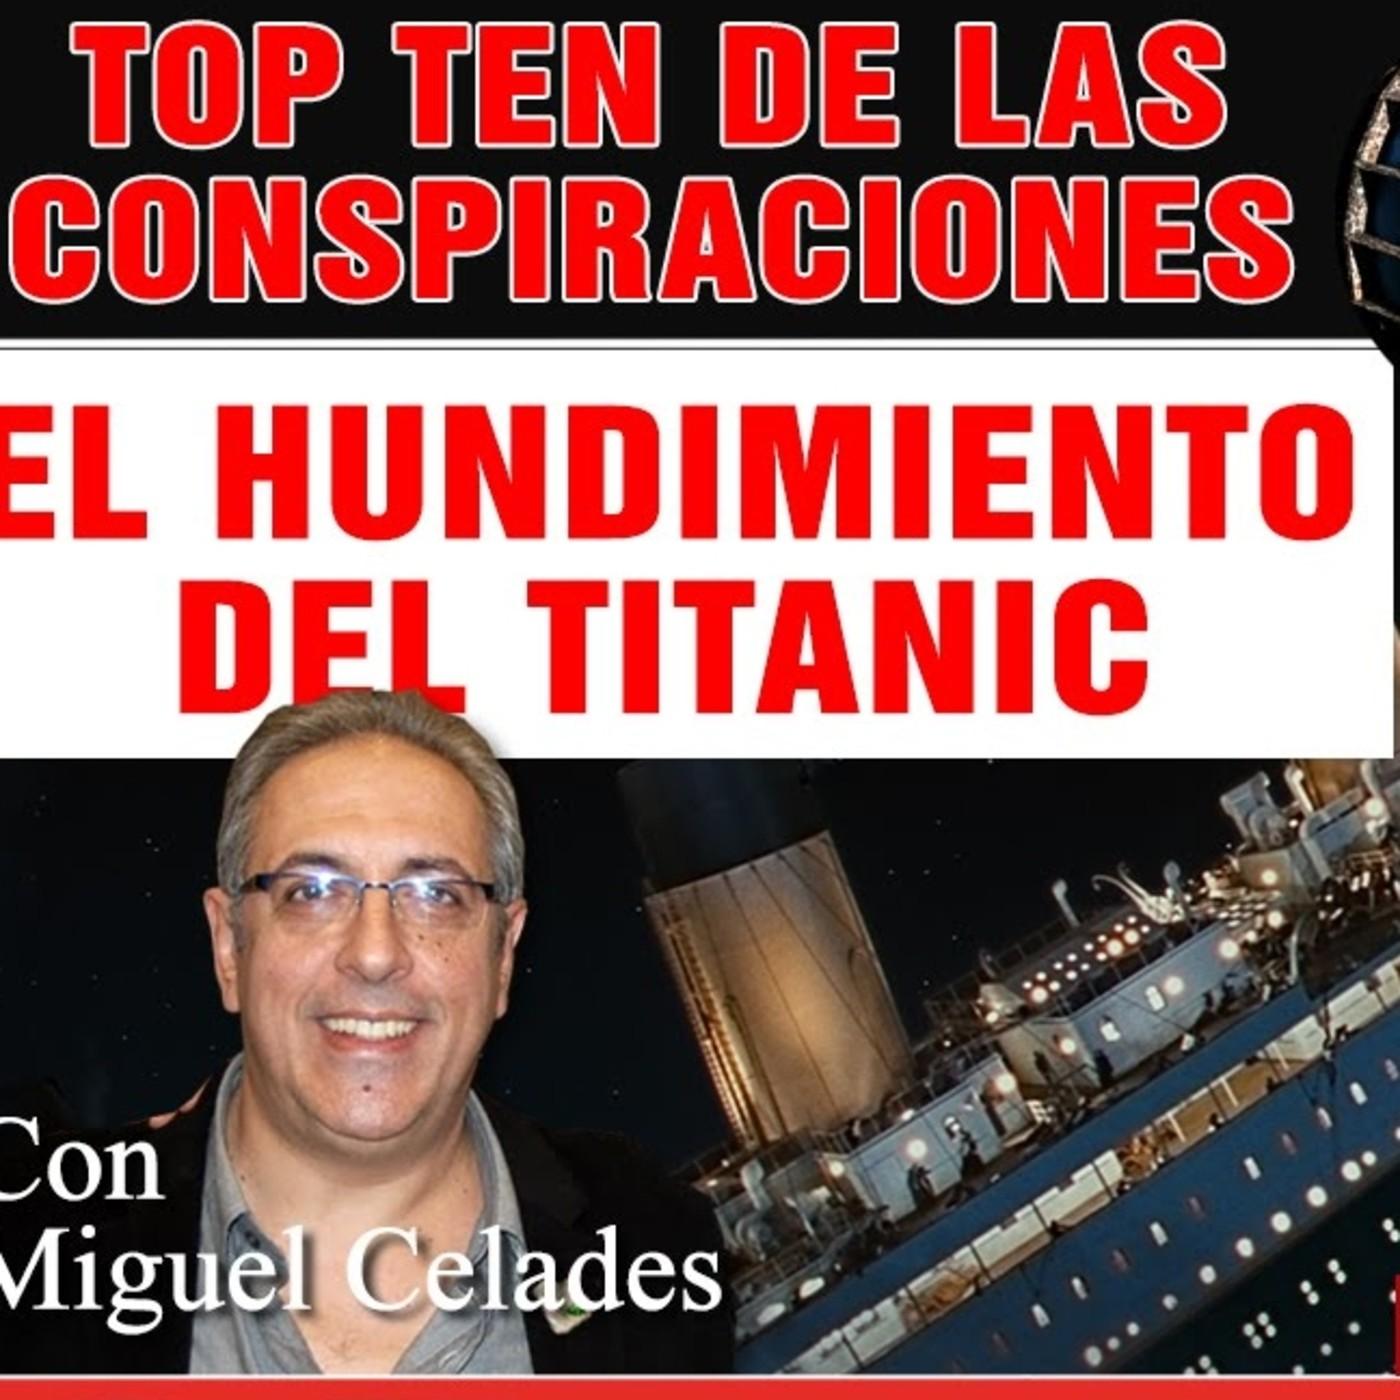 TOP TEN DE LAS CONSPIRACIONES... EL HUNDIMIENTO DEL TITANIC ( Programa 4 )